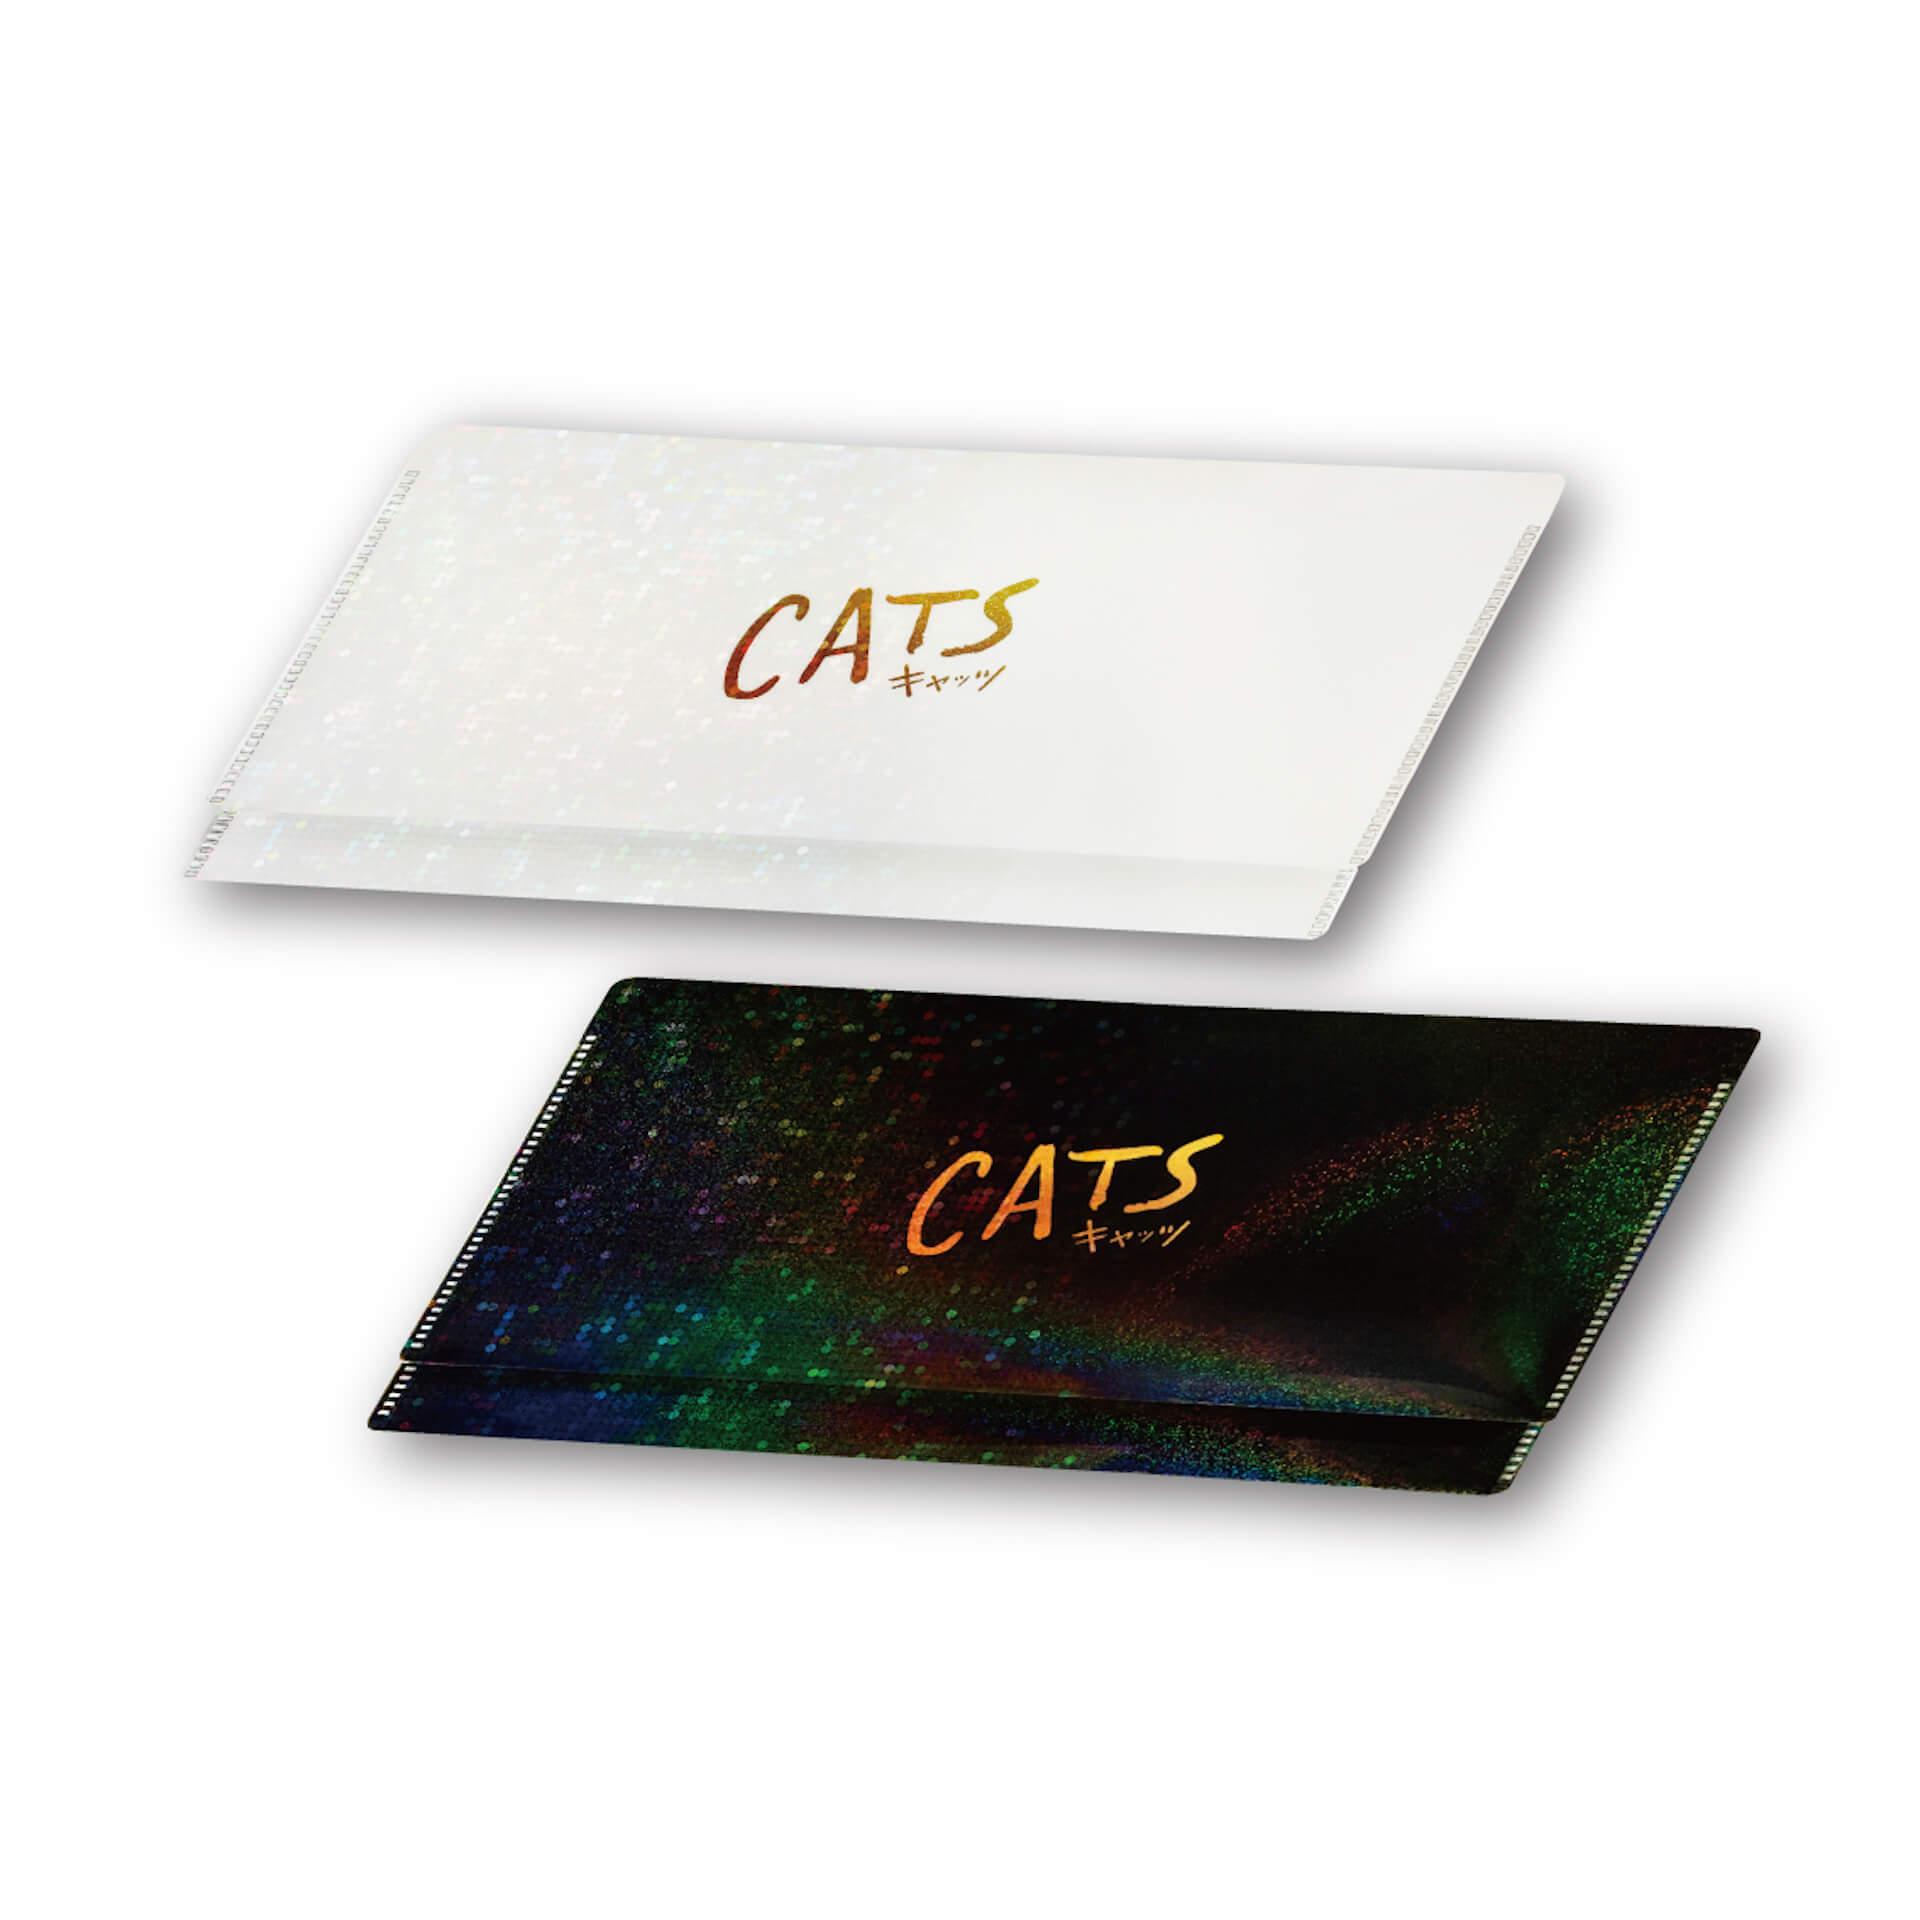 一夜だけの特別な舞踏会に選ばれるのは選ばれる猫は......?『キャッツ』待望の新予告映像&ポスタービジュアルが公開 4c3248b77d563e38ce1cebf032750b52